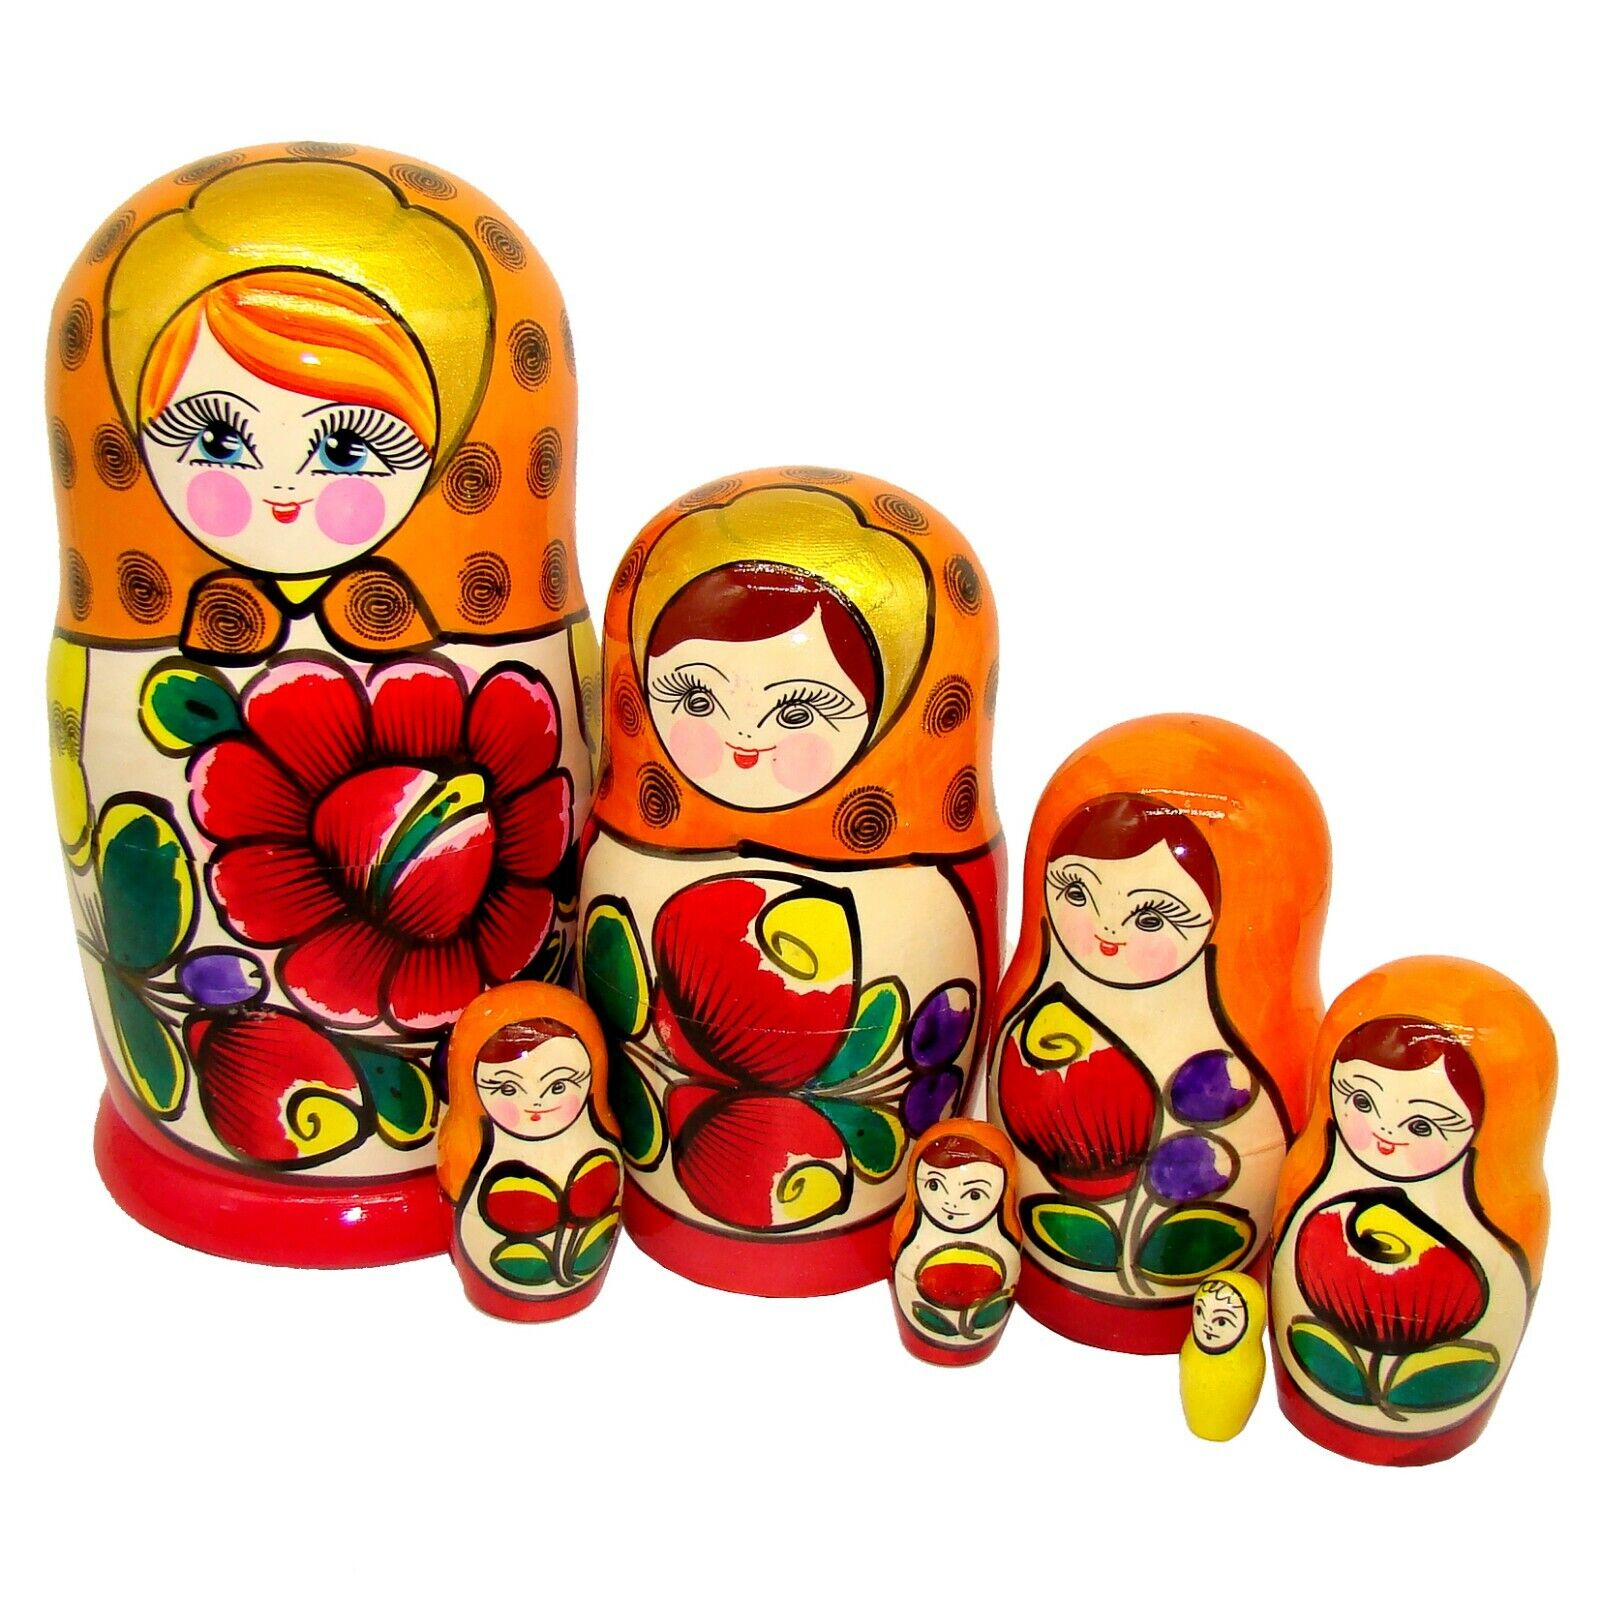 Poupée Russe grande Dimensione - Matriochka classique 7 pièces - Poupée Russe bois